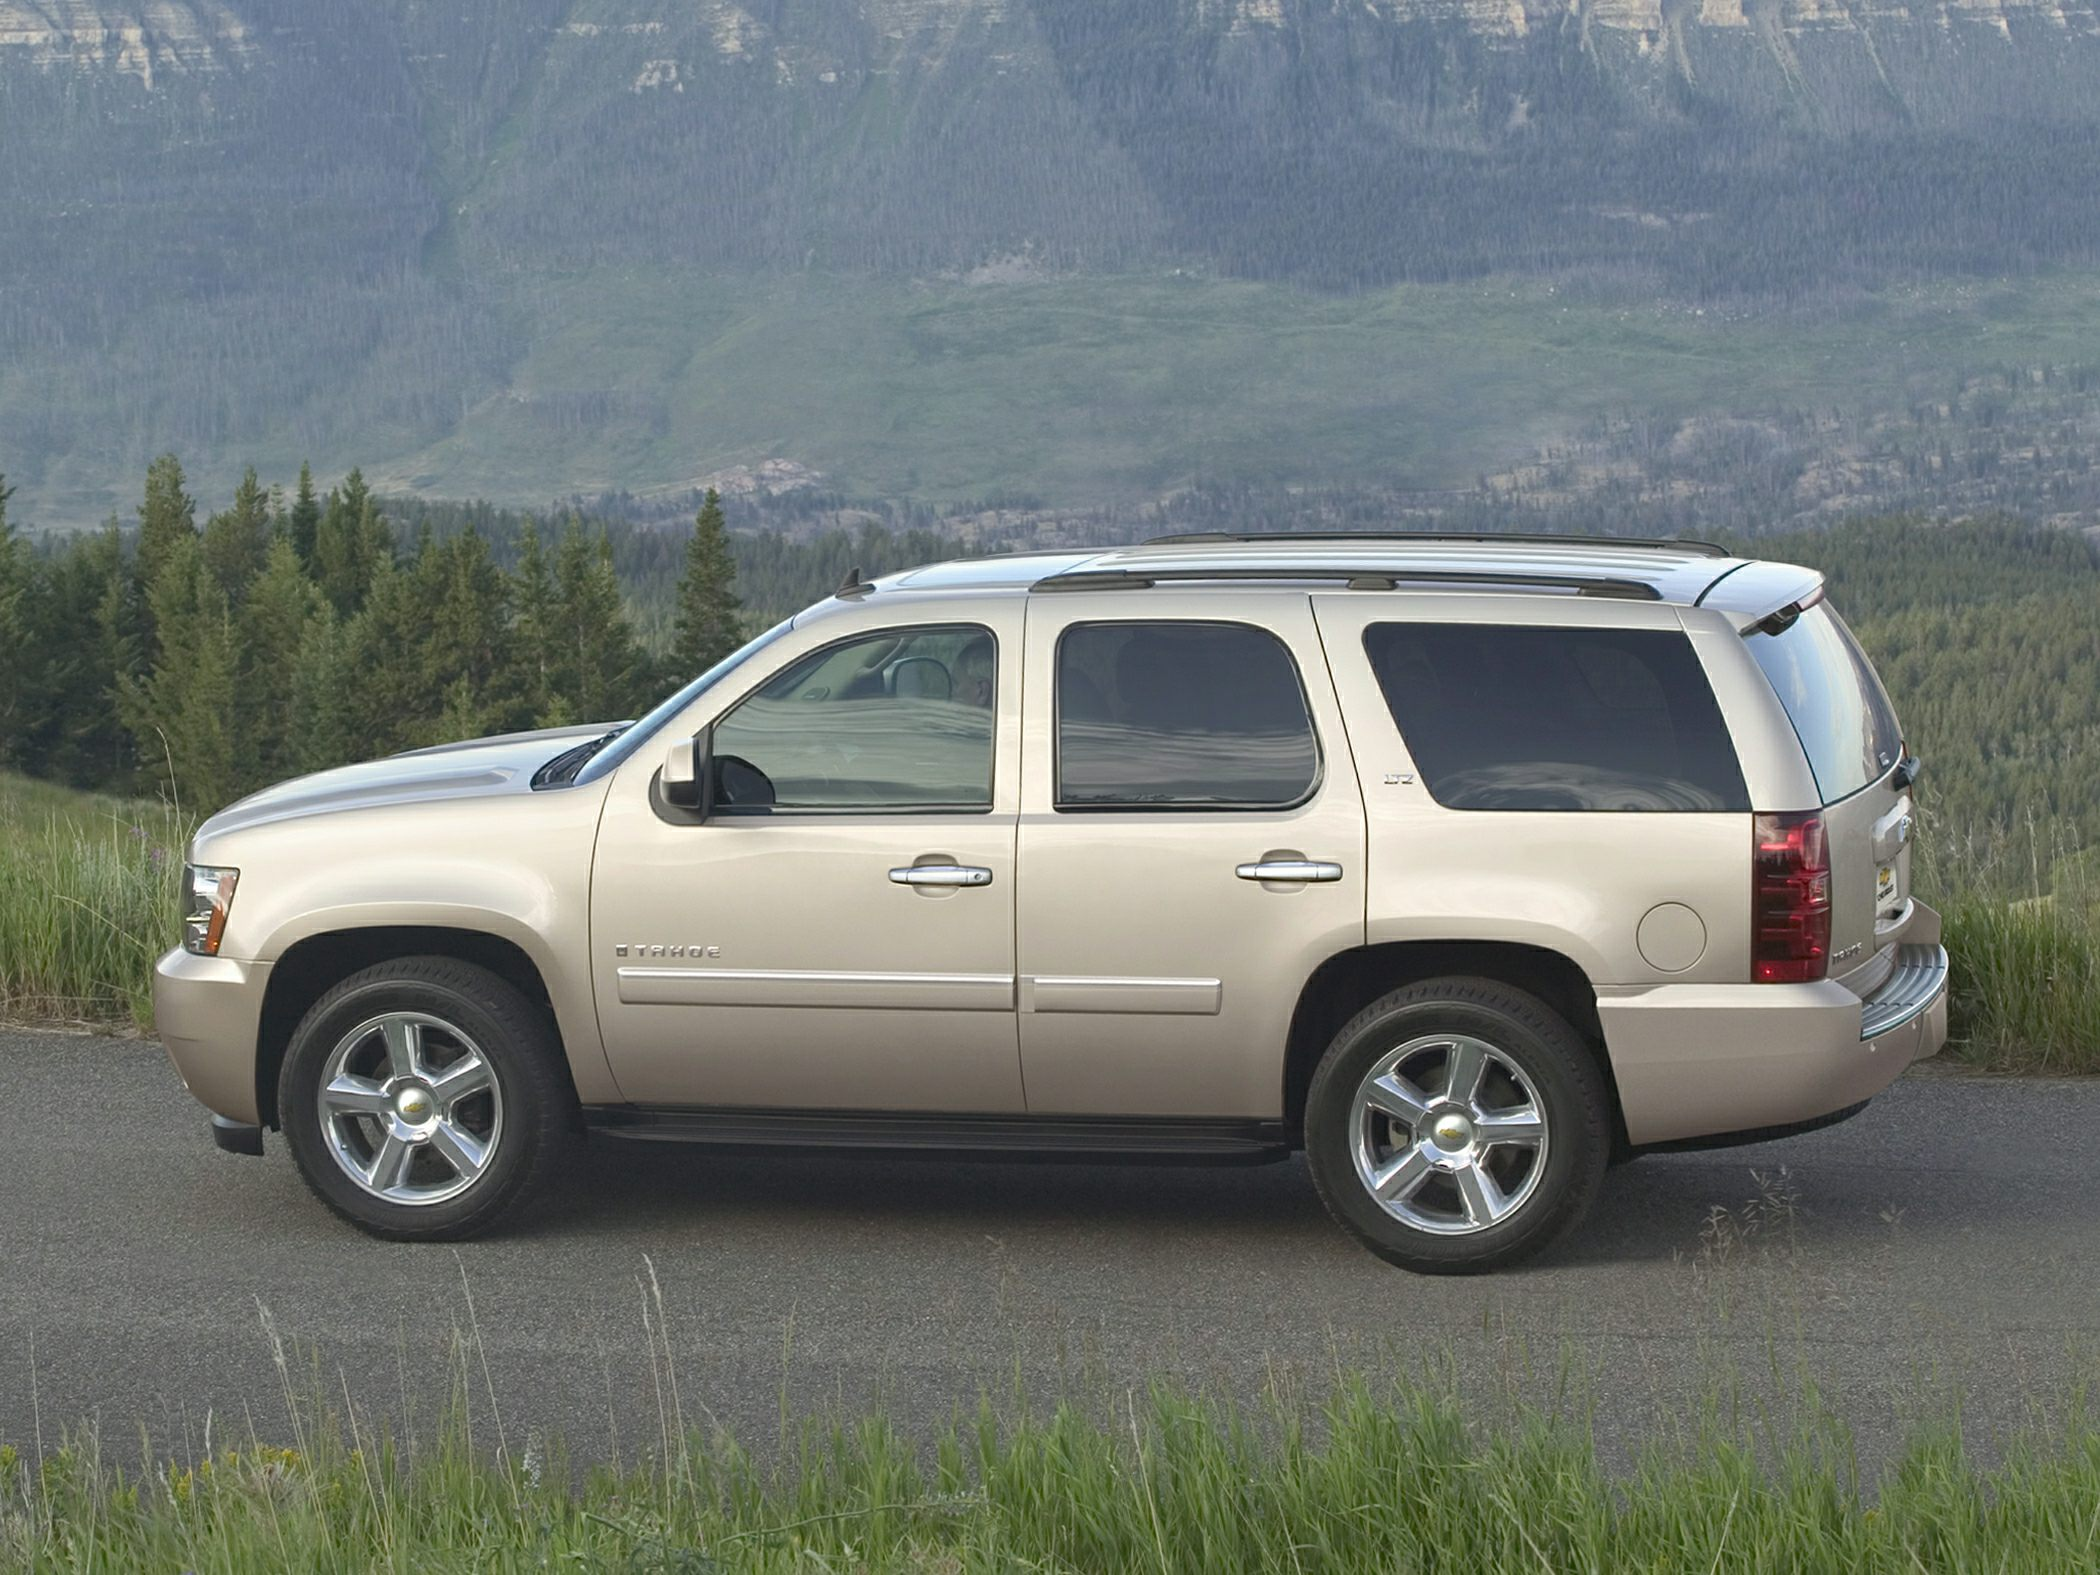 exterior outstanding suv chevrolet iv iii tahoe now door cars